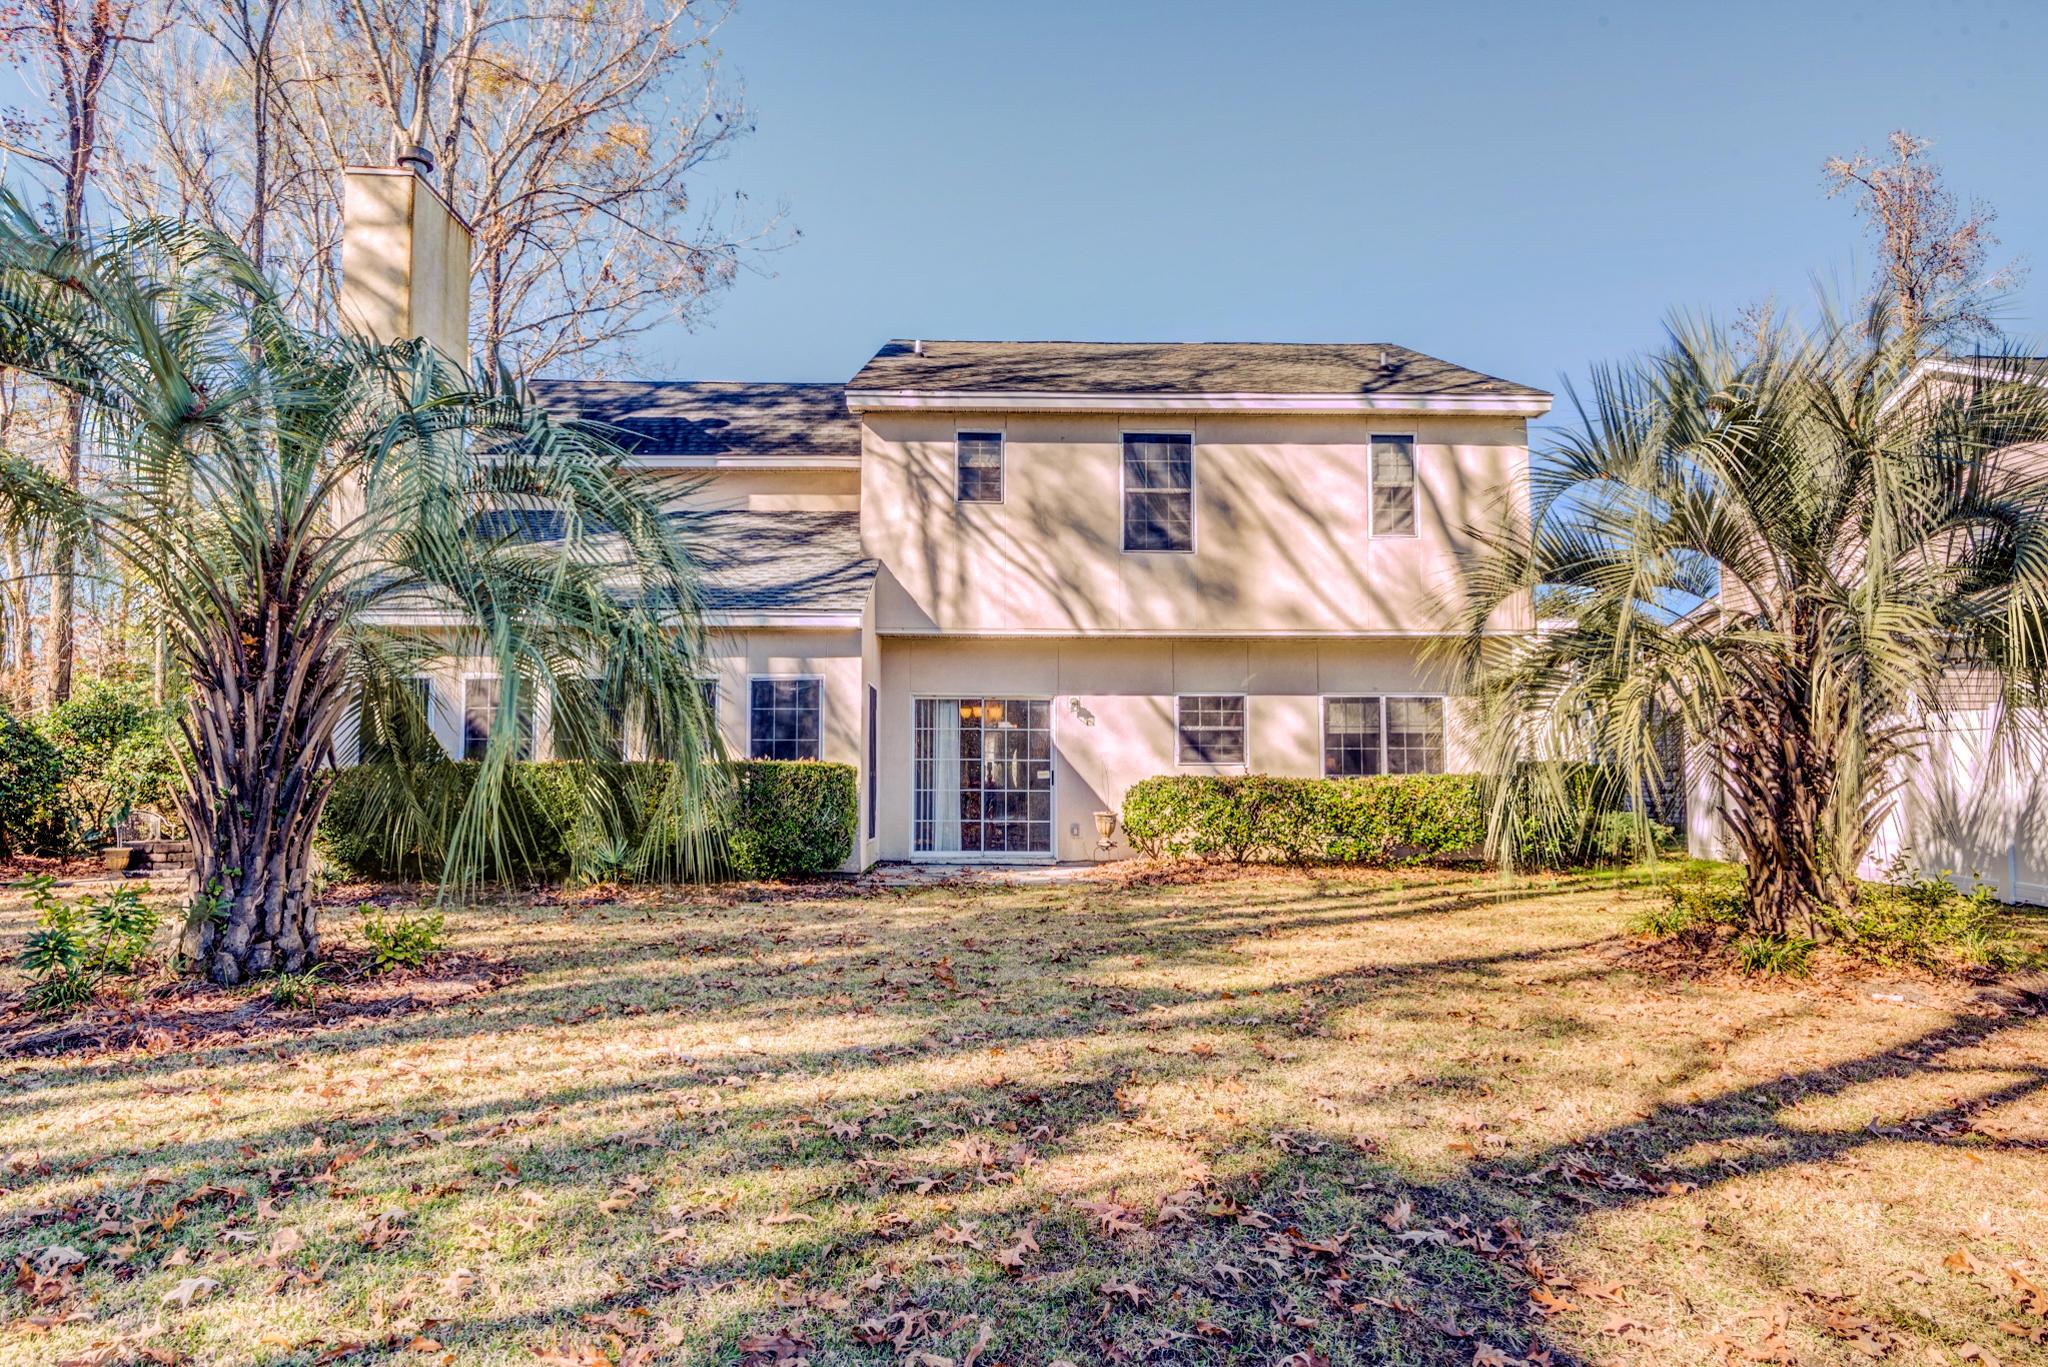 Beechurst Homes For Sale - 1893 Beechwood, Charleston, SC - 1